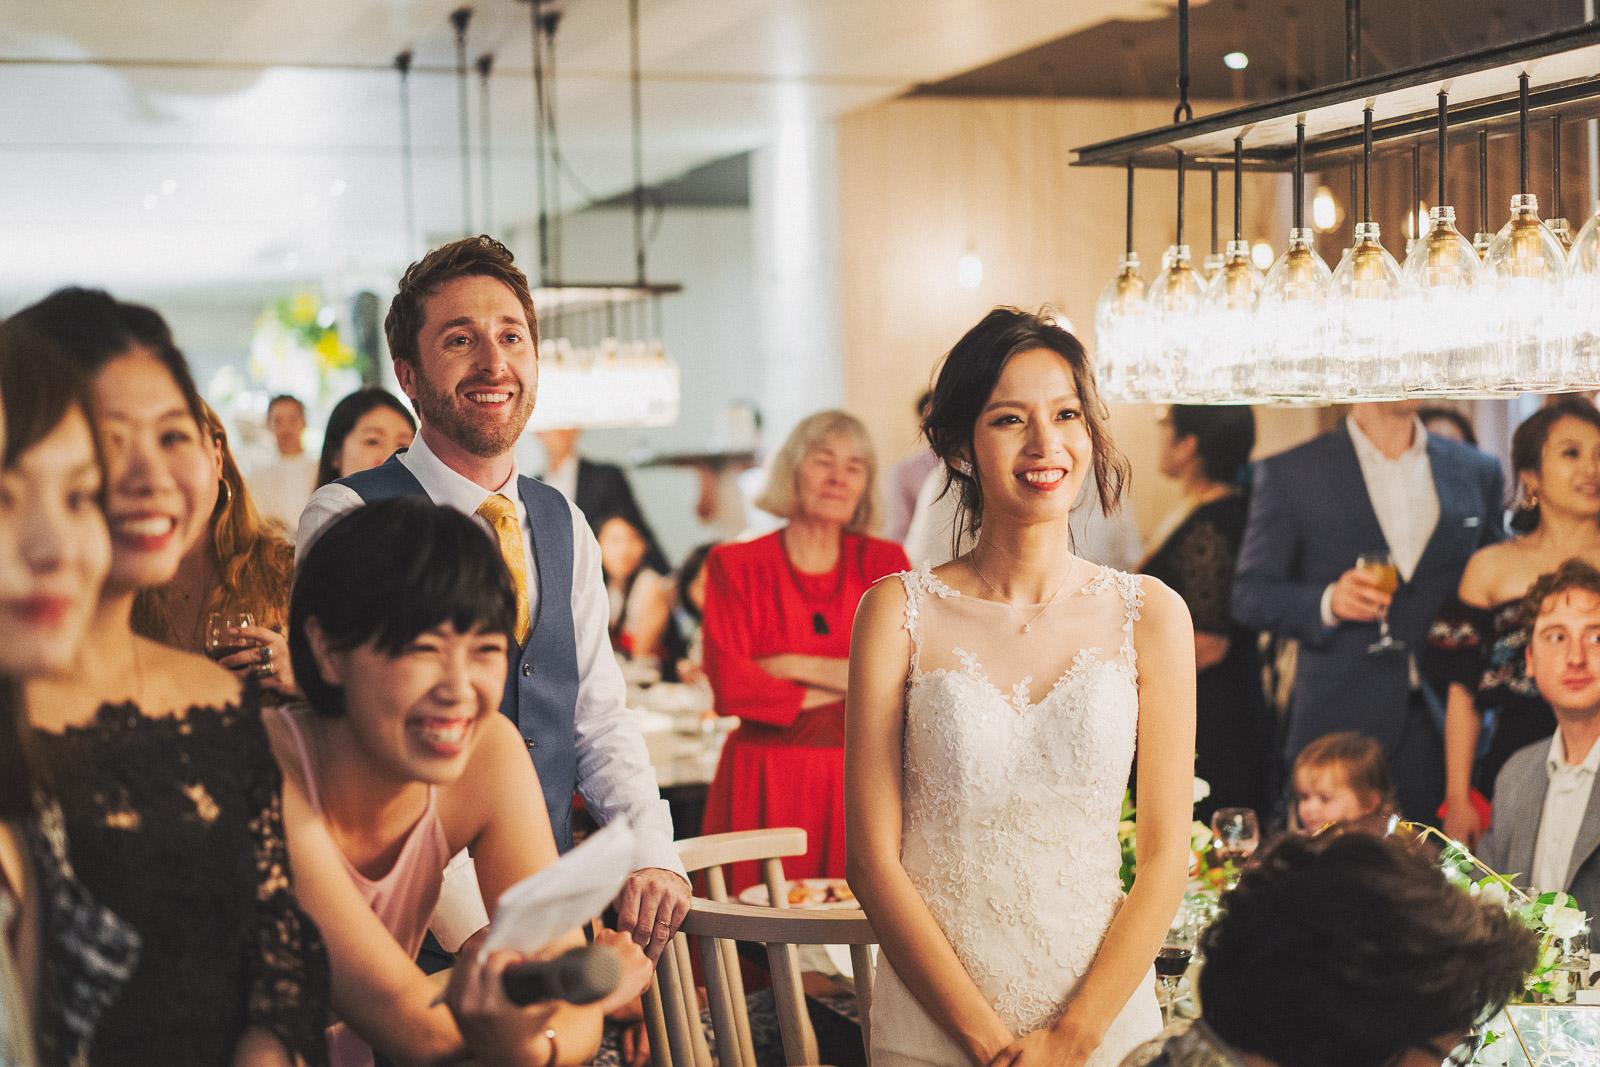 婚禮攝影師,婚禮攝影包場